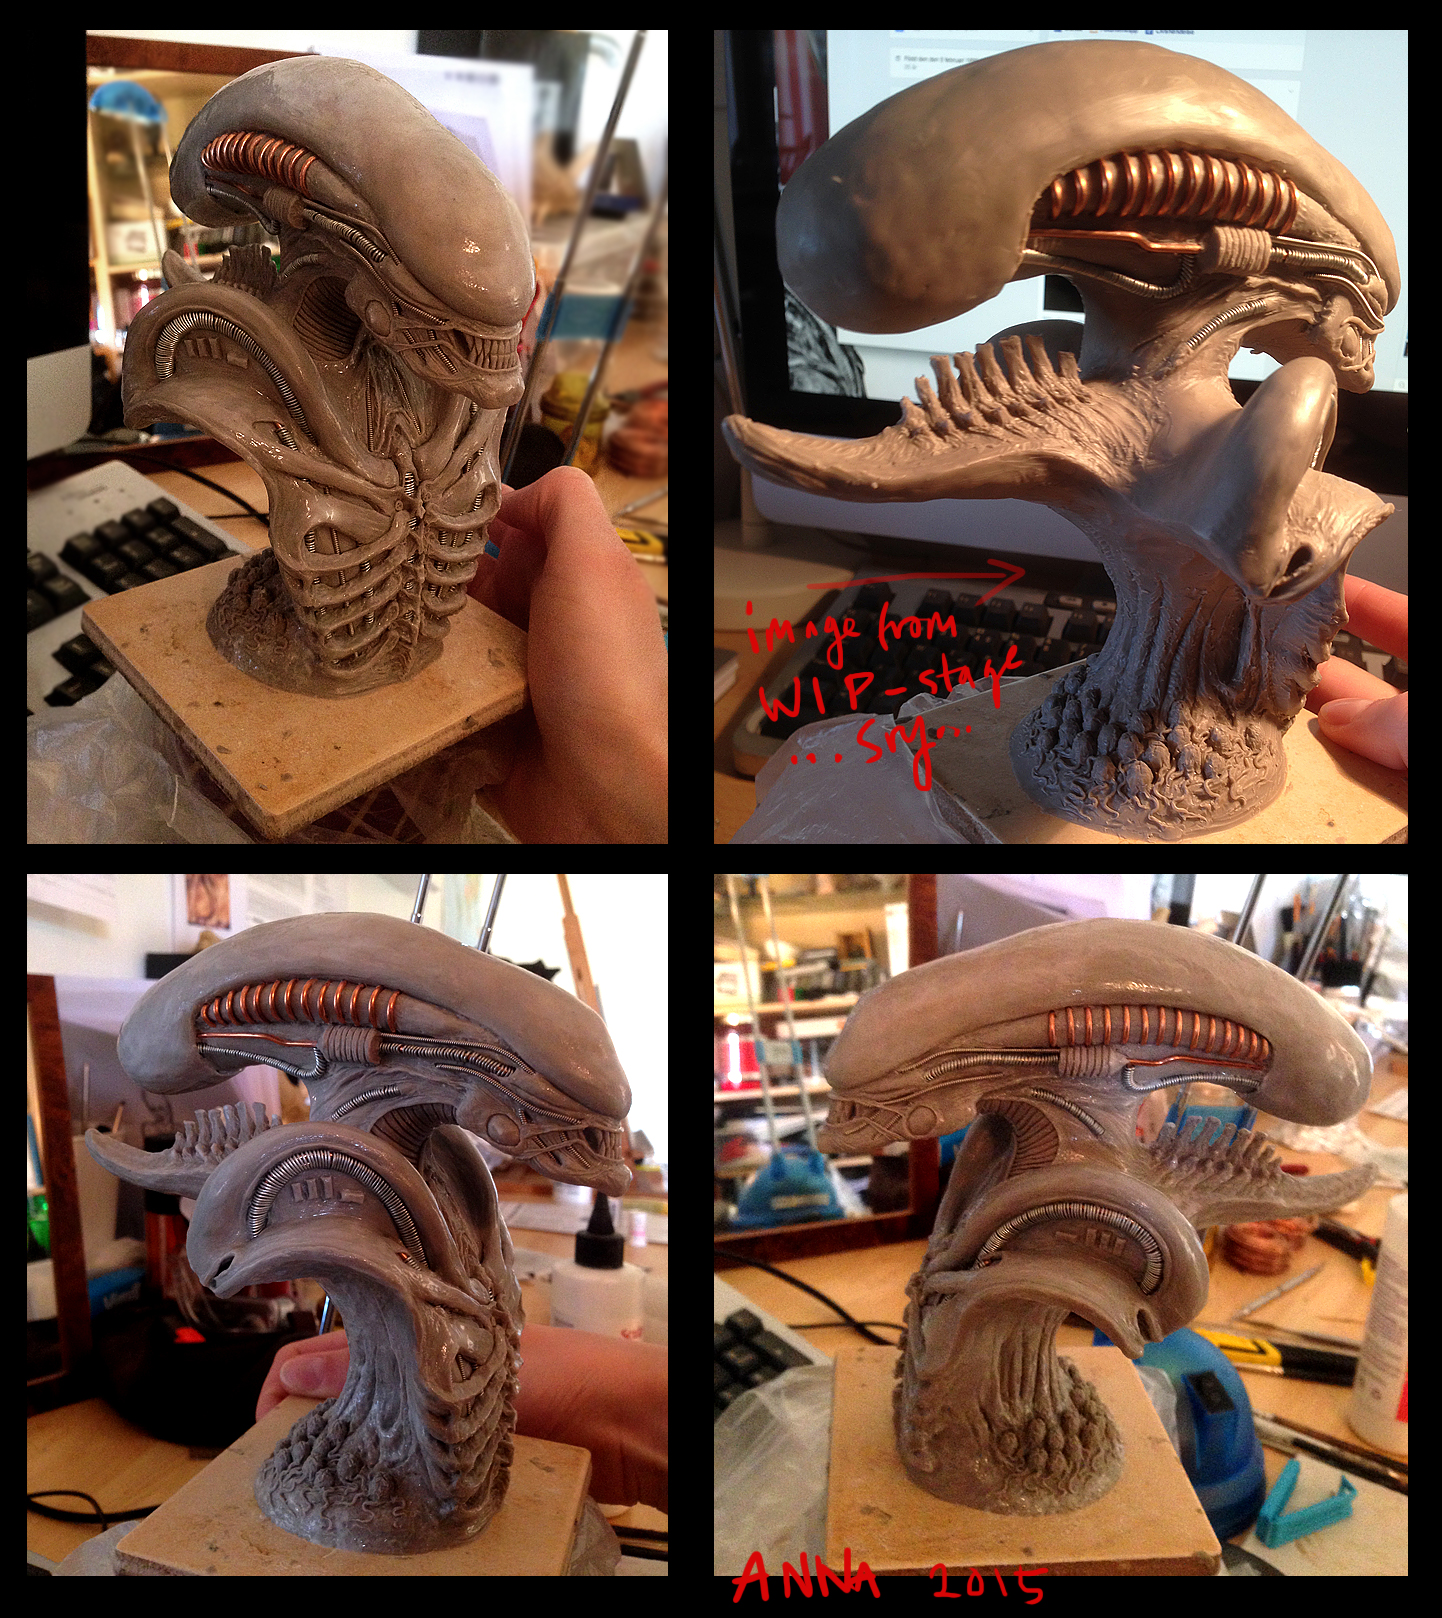 Alien warrior bust by redtrackz